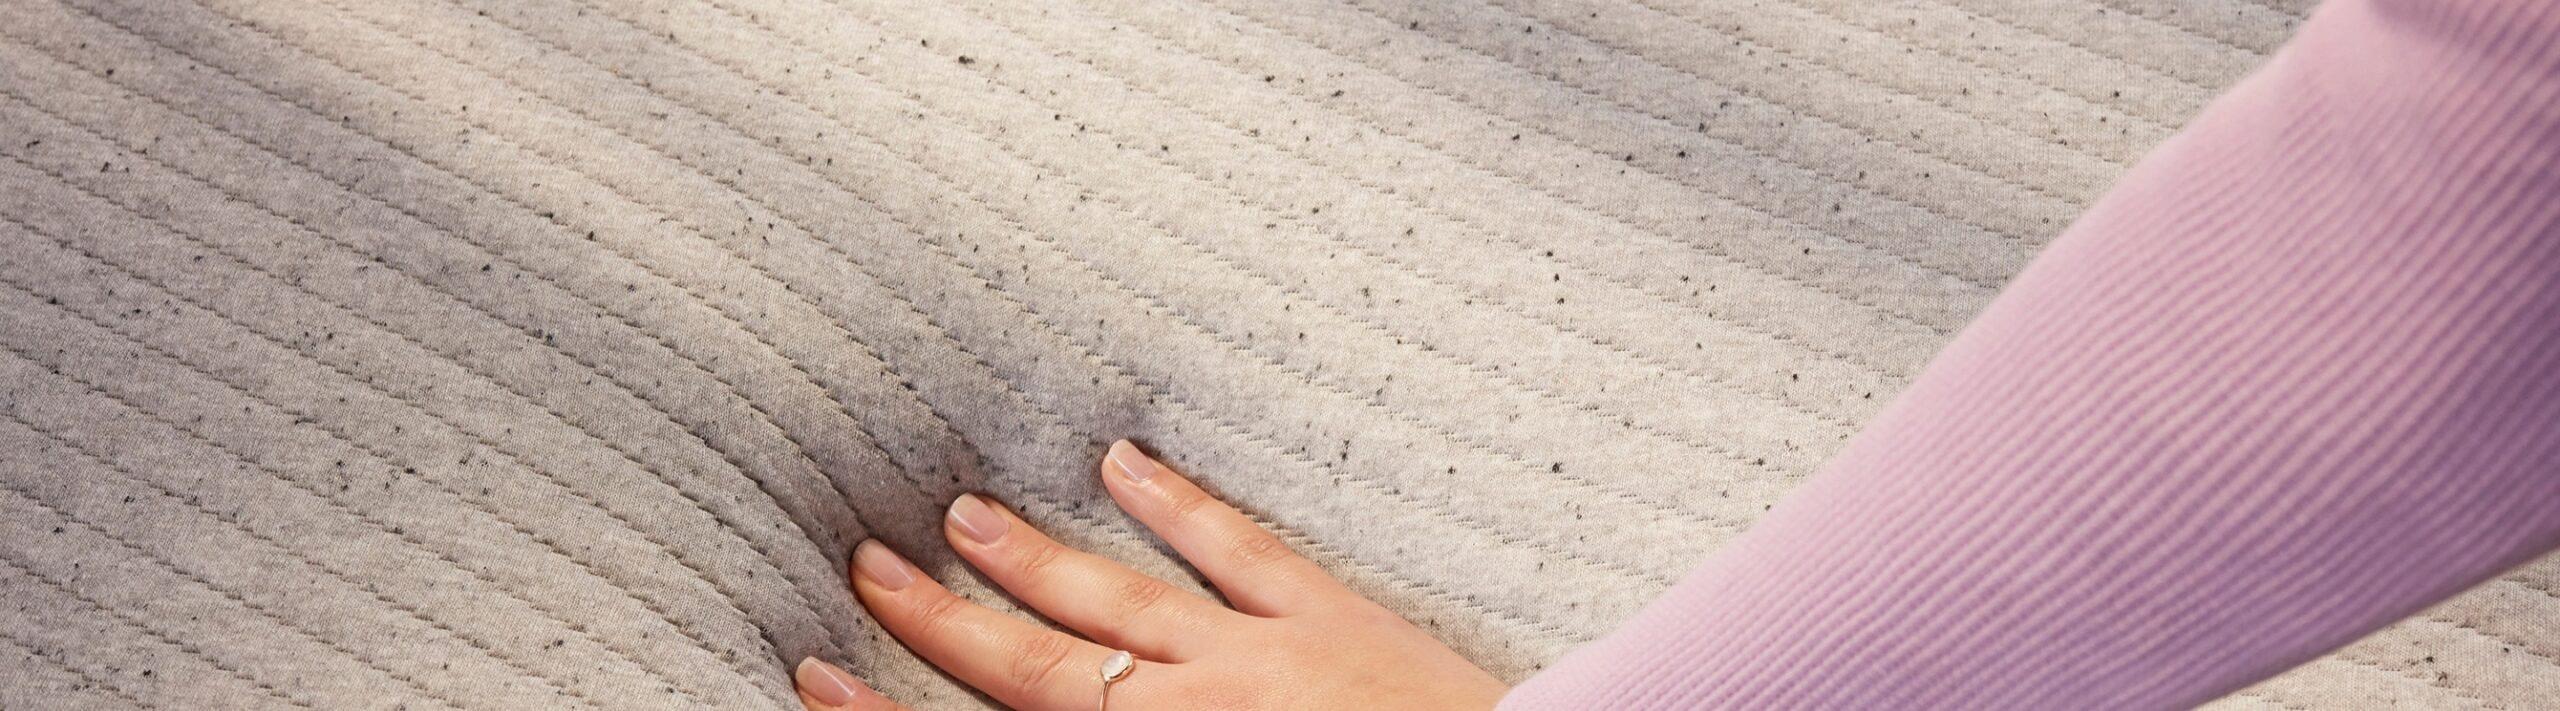 Woman's hand pushing down the memory foam mattress